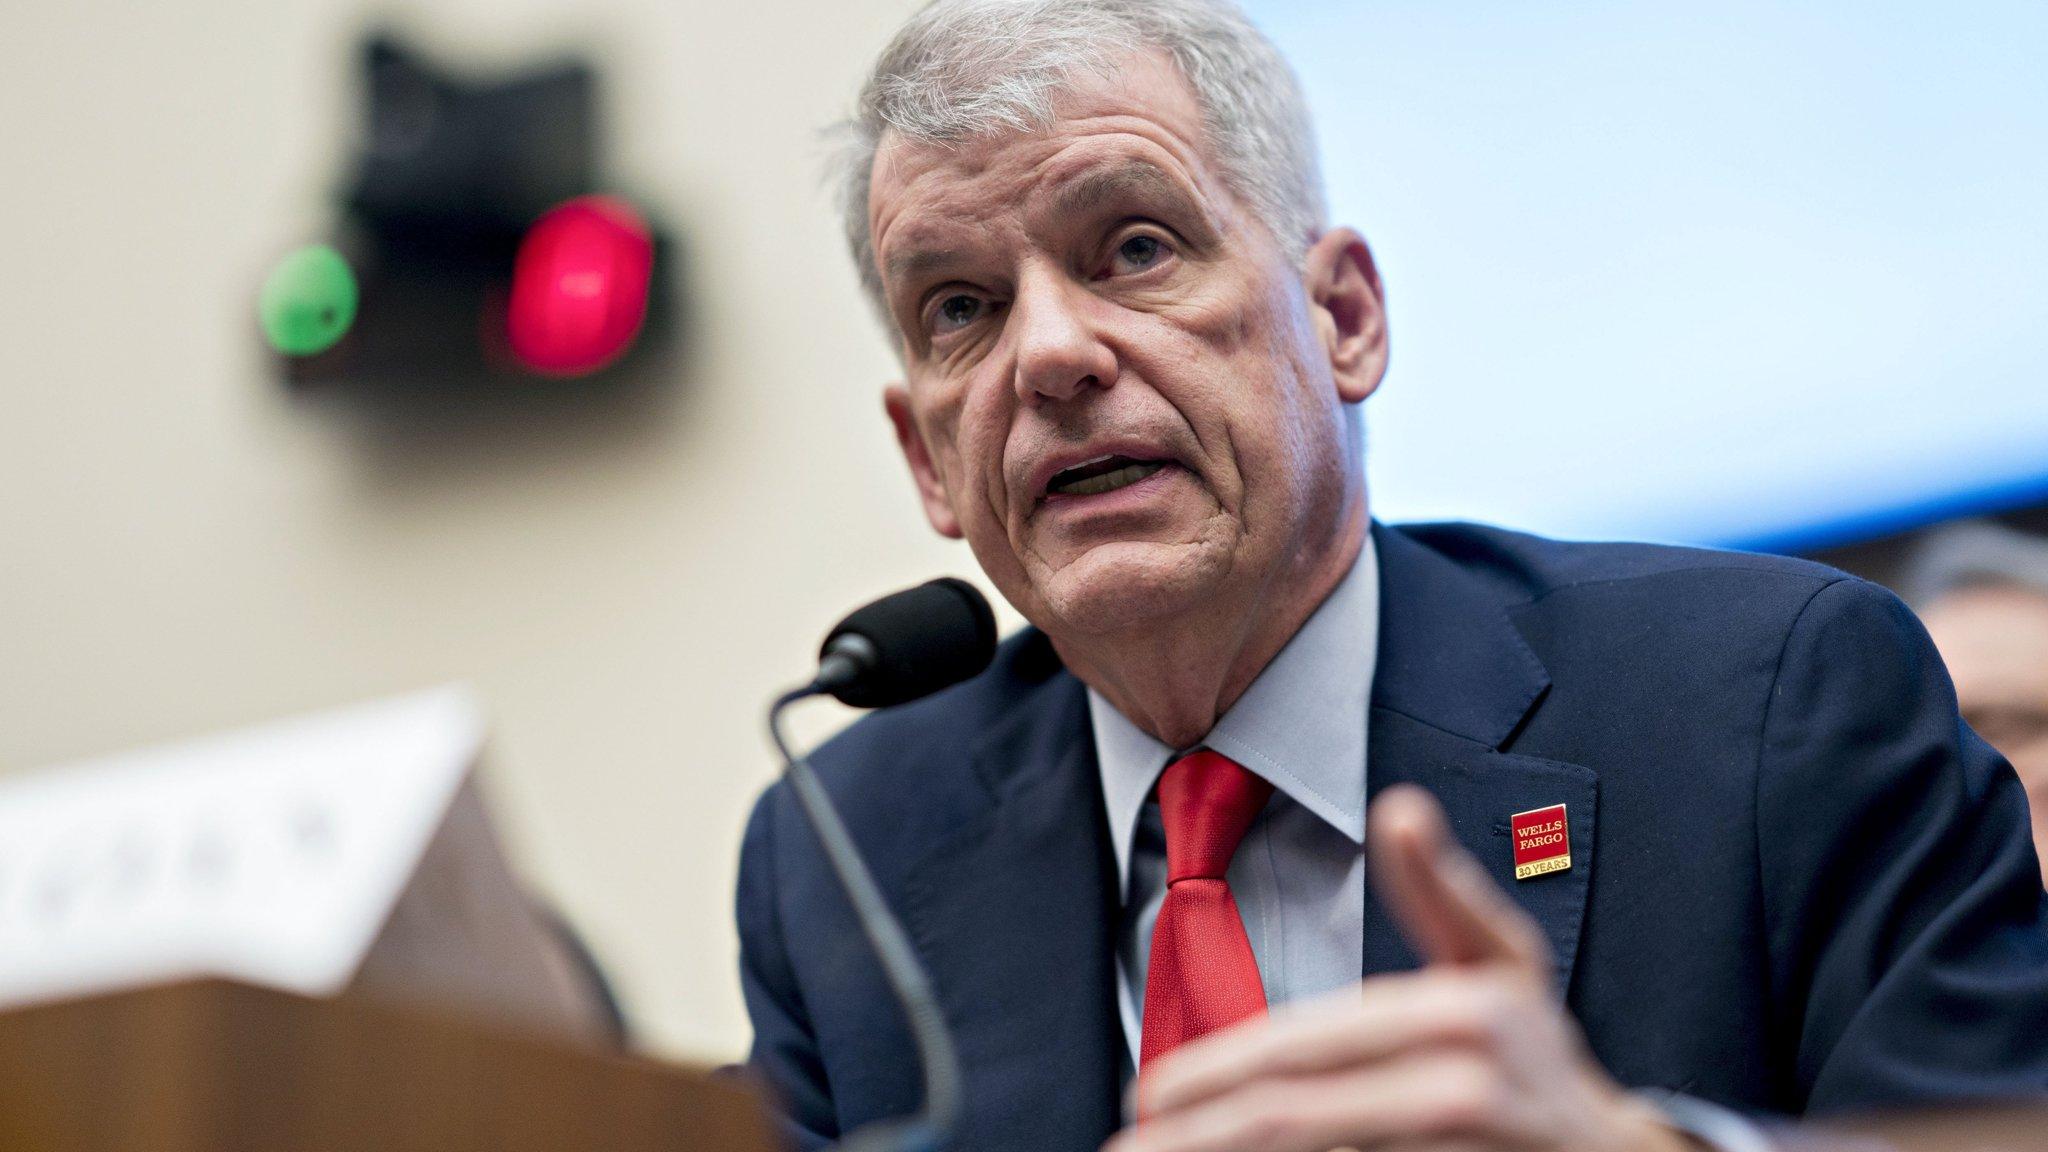 Wells Fargo rebuked by regulator over risk management